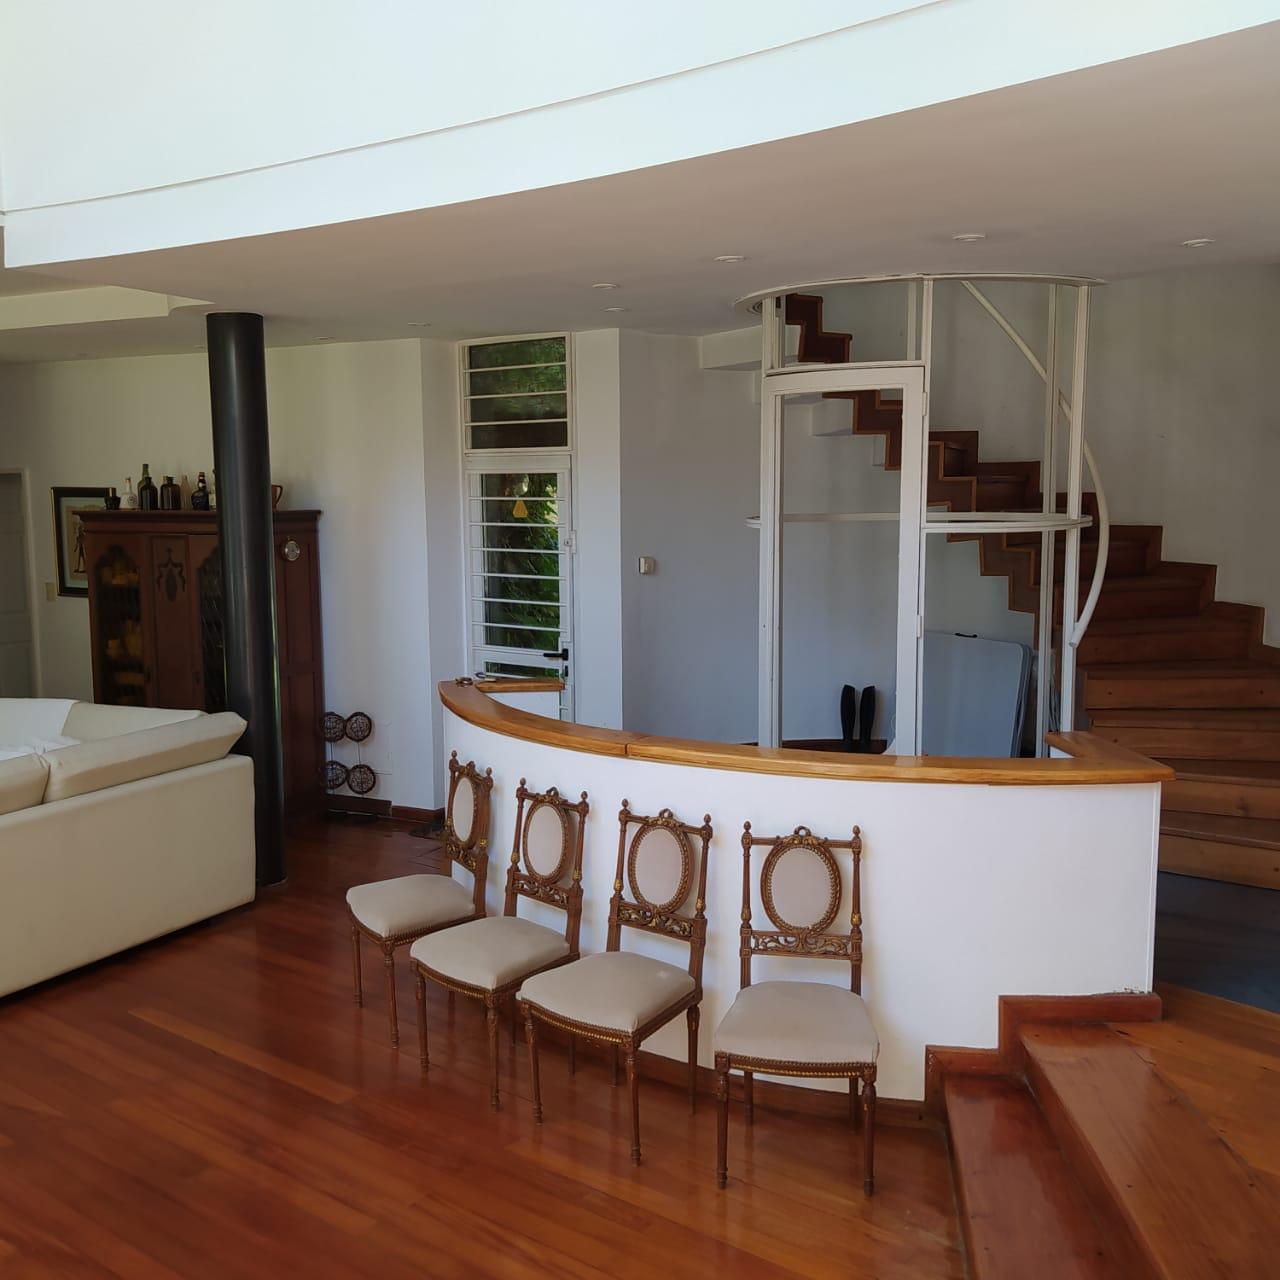 Exclusiva e Imponente Residencia.